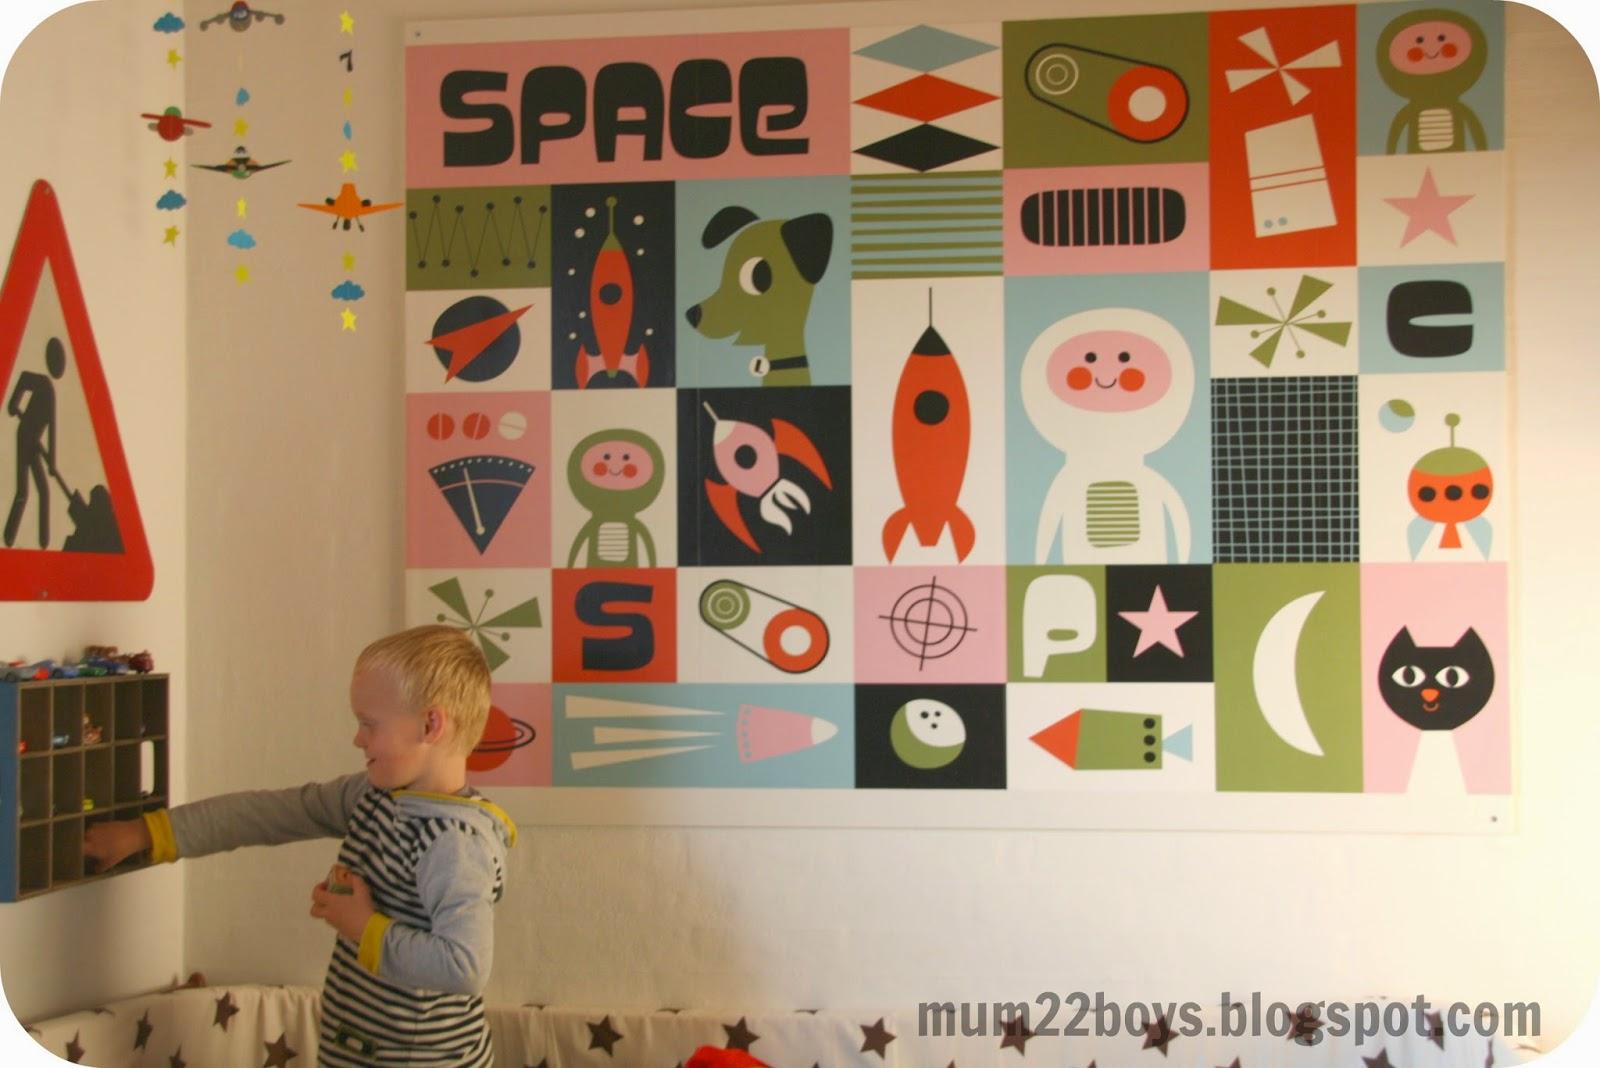 Mum 2 2 boys: så blev jacobs værelse færdigt...